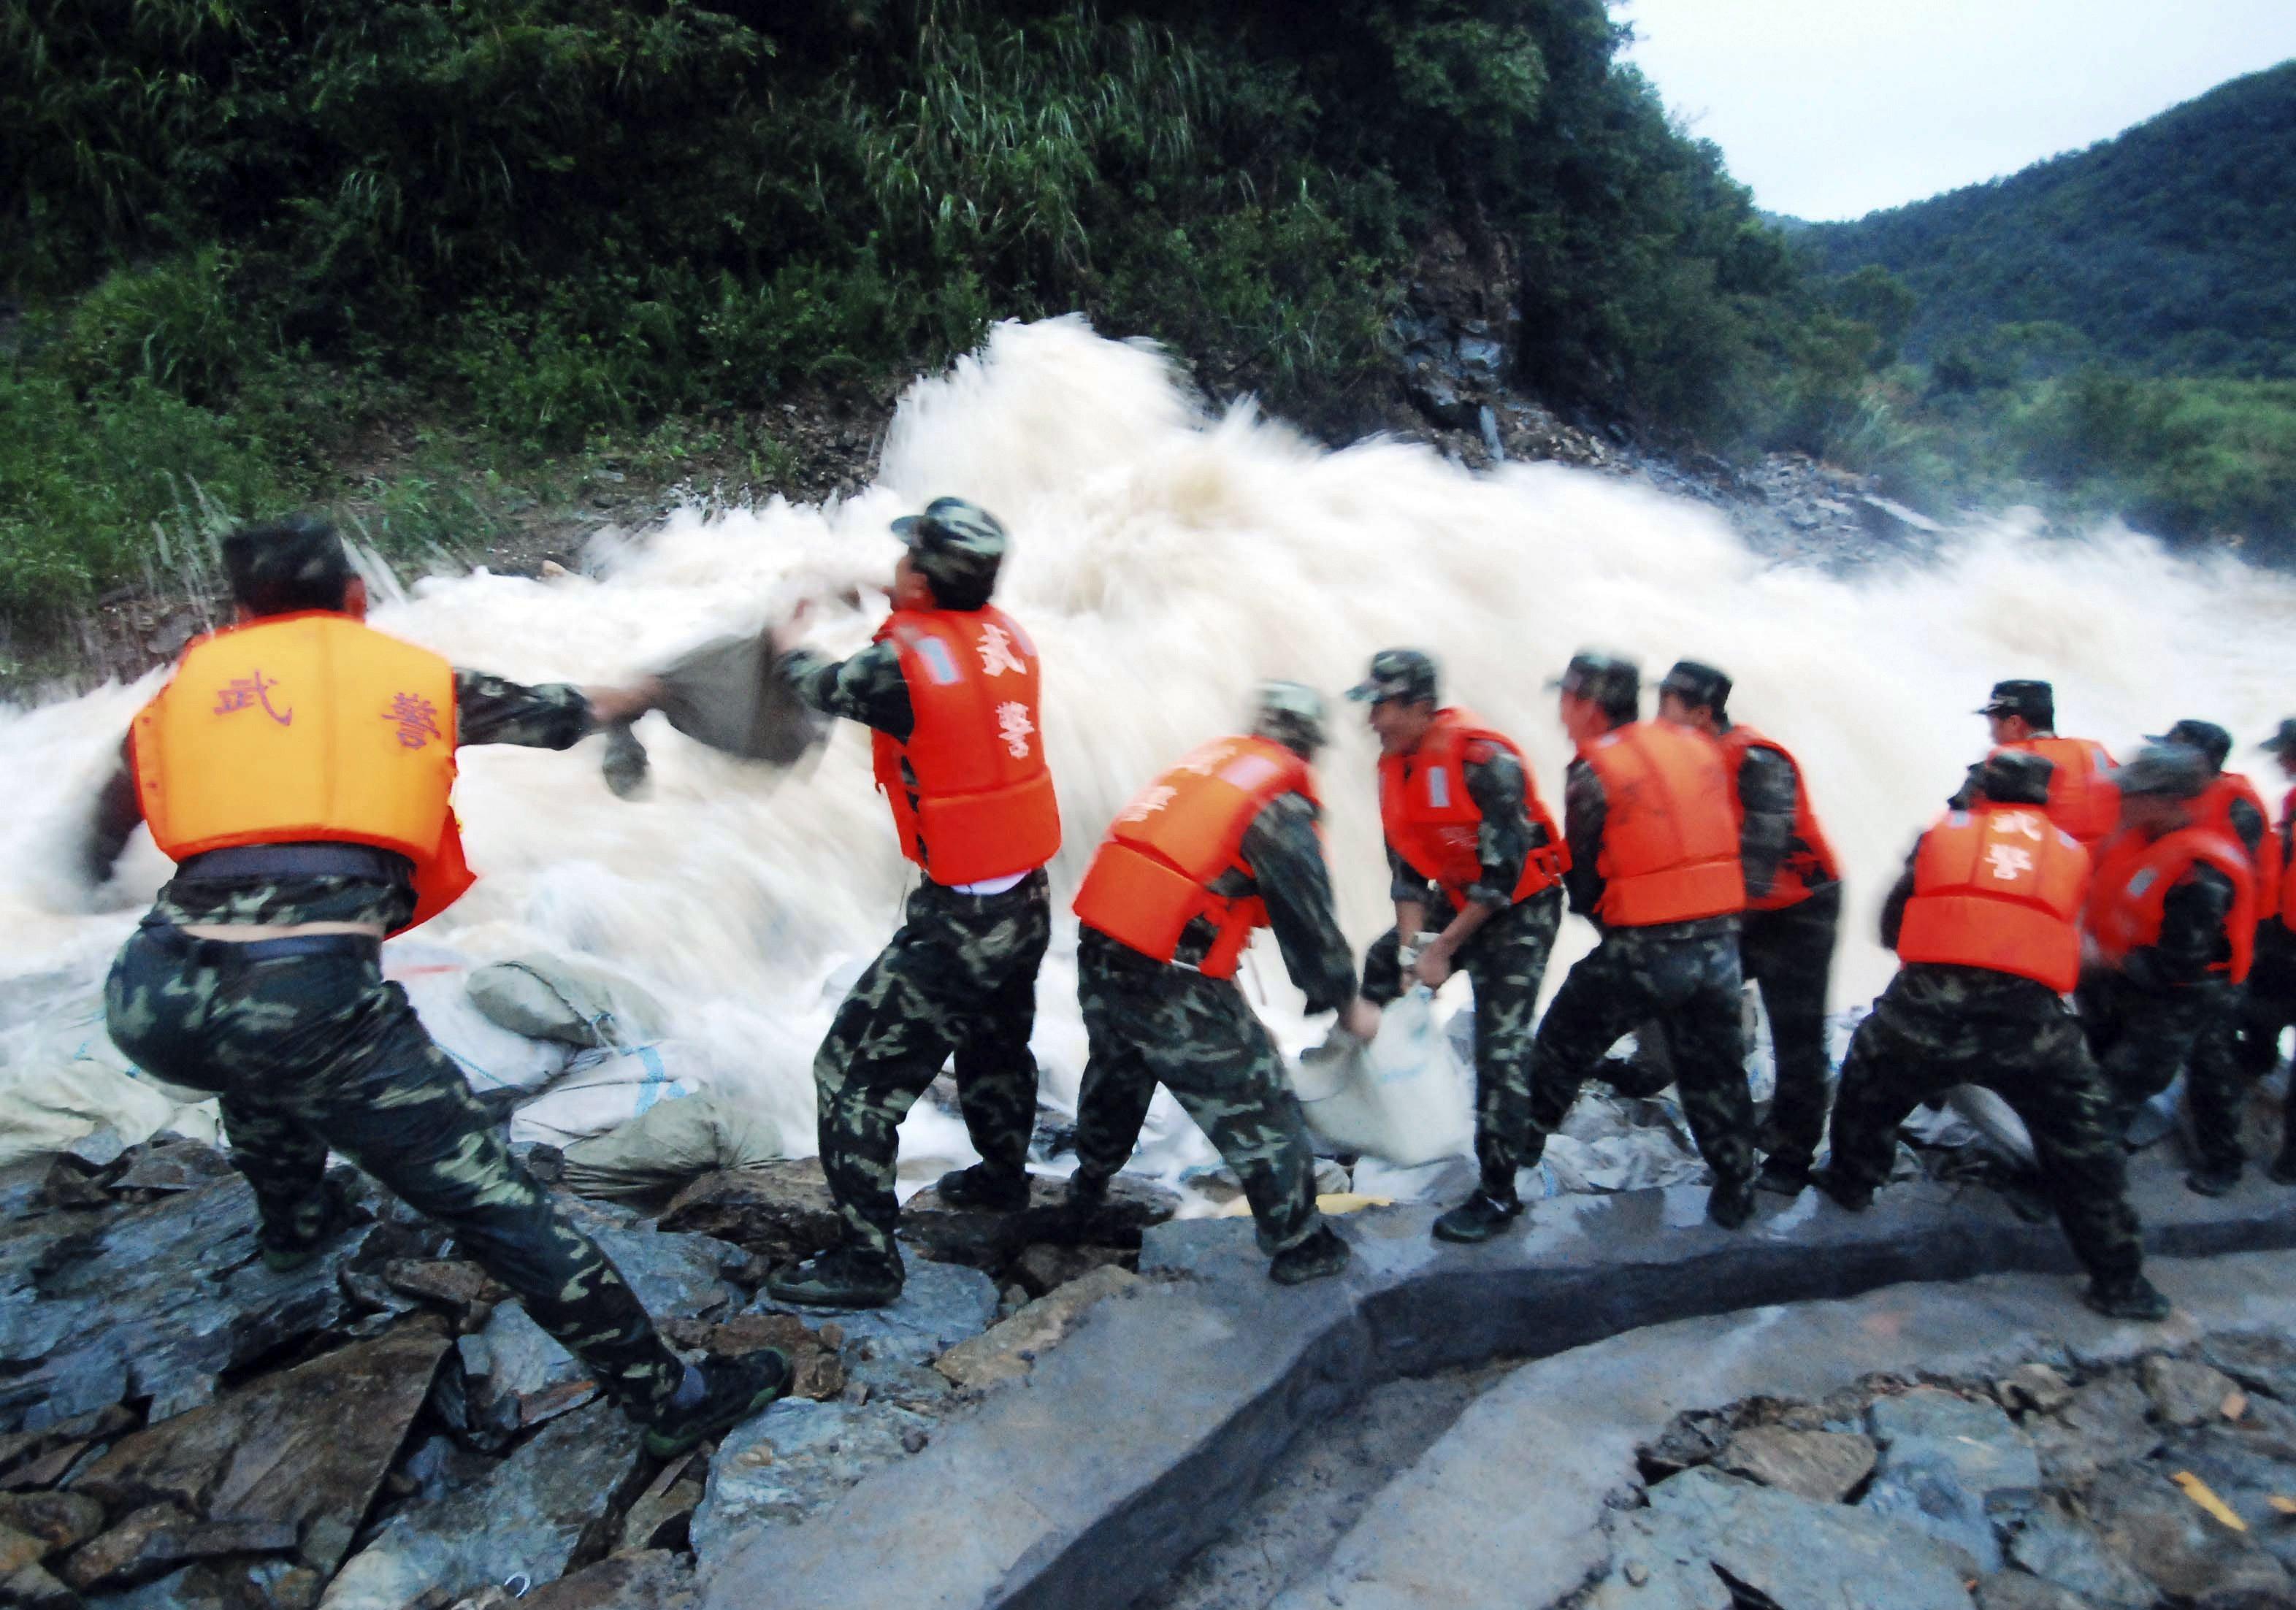 中國洪水:至少141人死亡或失蹤,鄱陽湖水位至歷史最高